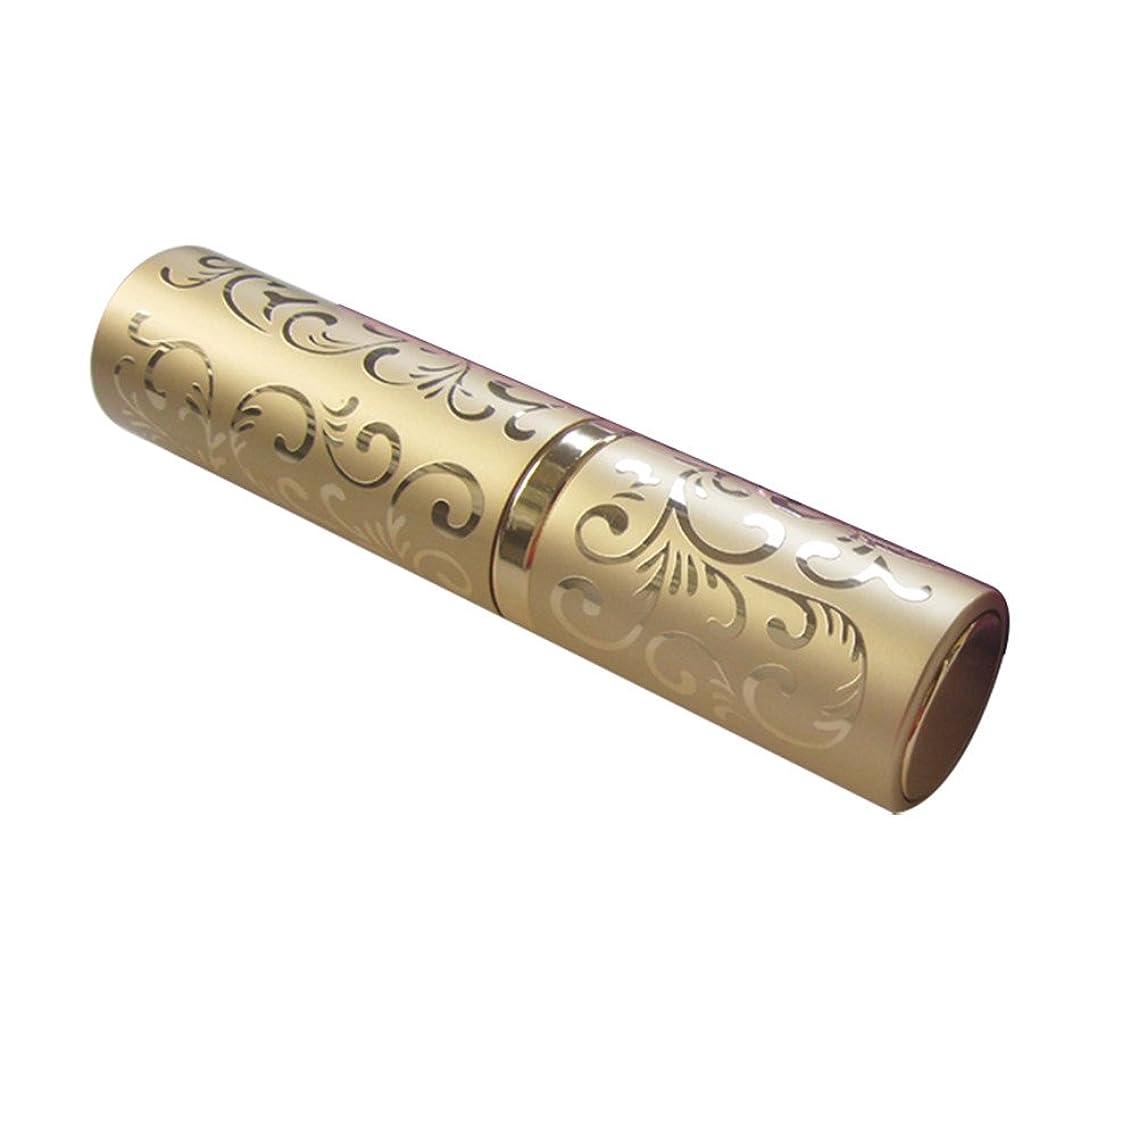 軌道あなたのもの牛10MLおしゃれトーテム香水瓶 メアトマイザー 卓仕朗 香水 化粧水 詰め替え用ボトル 噴霧器 ボトルメタル 旅行用 男女兼用 (ゴールド)